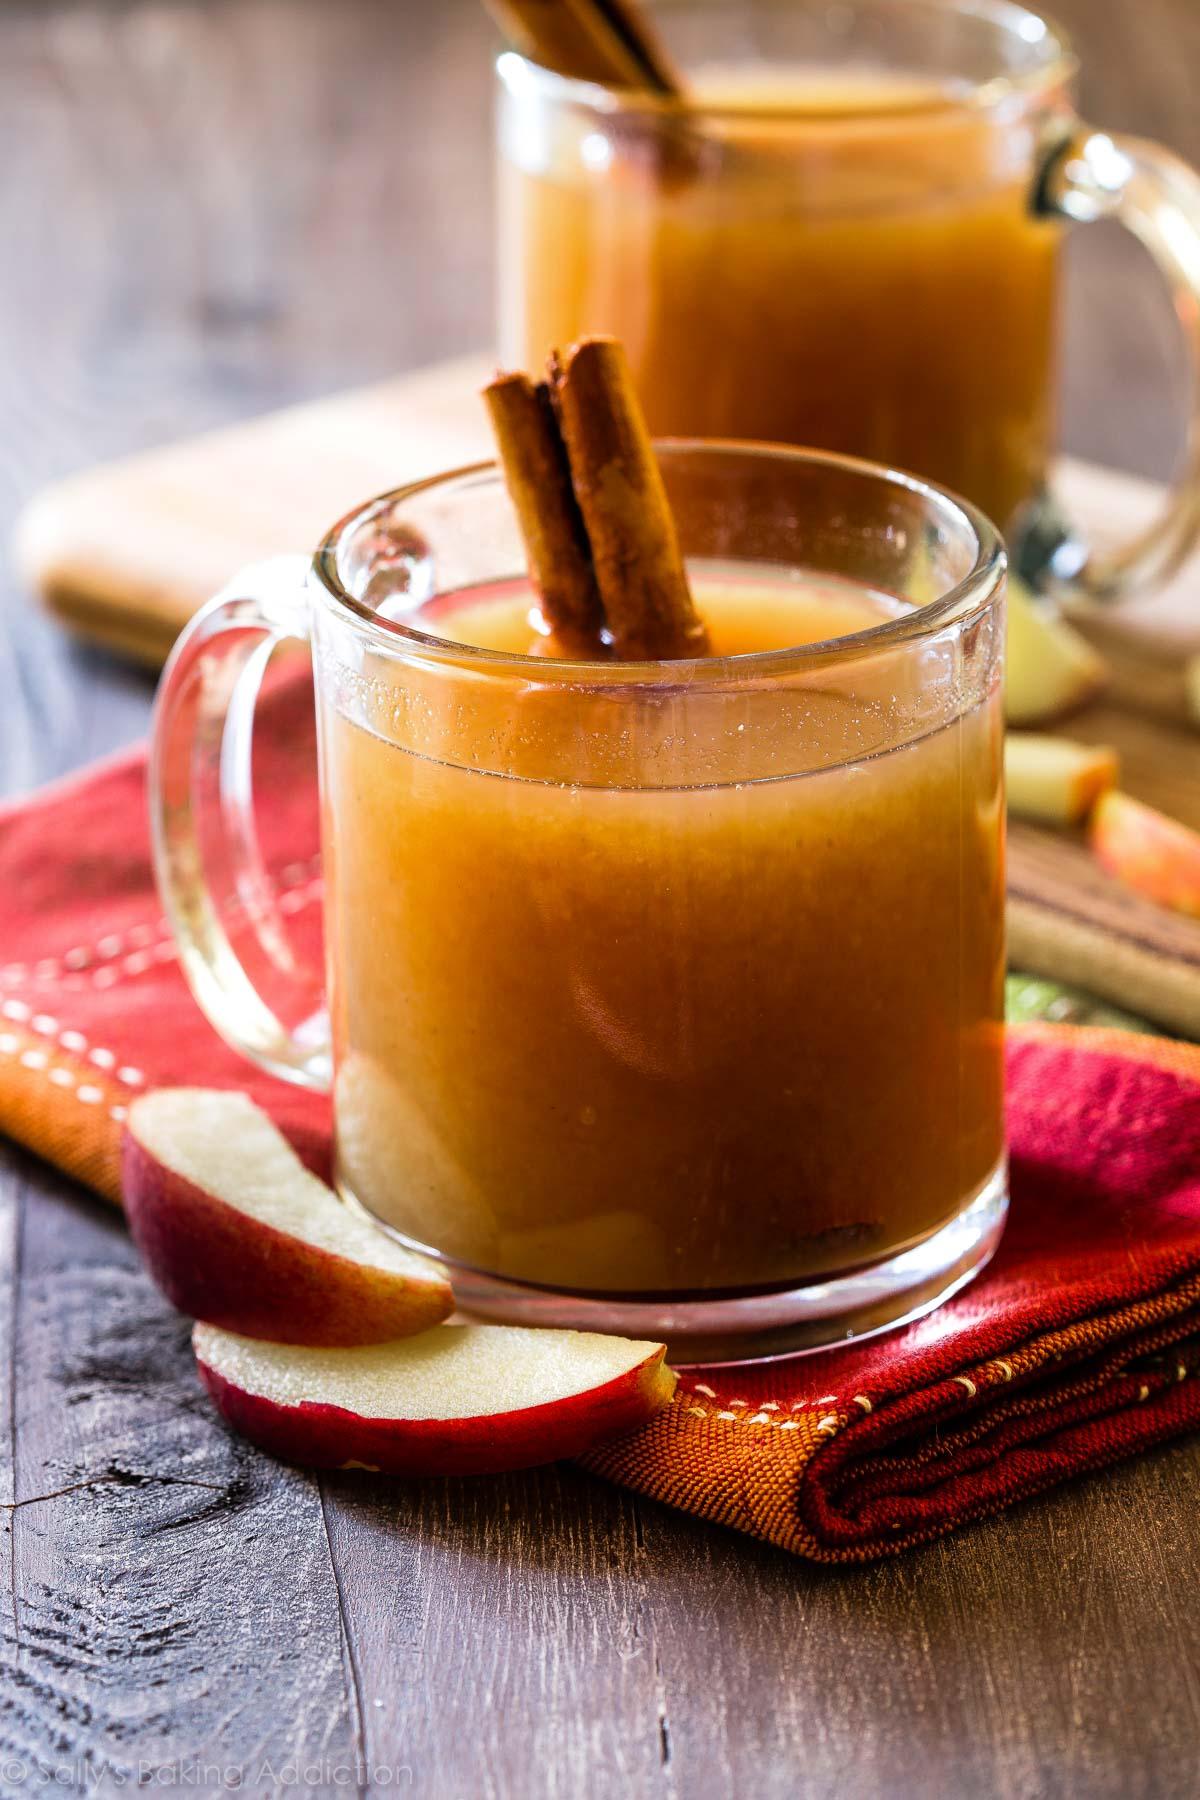 homemade-slow-cooker-apple-cider-2.jpg